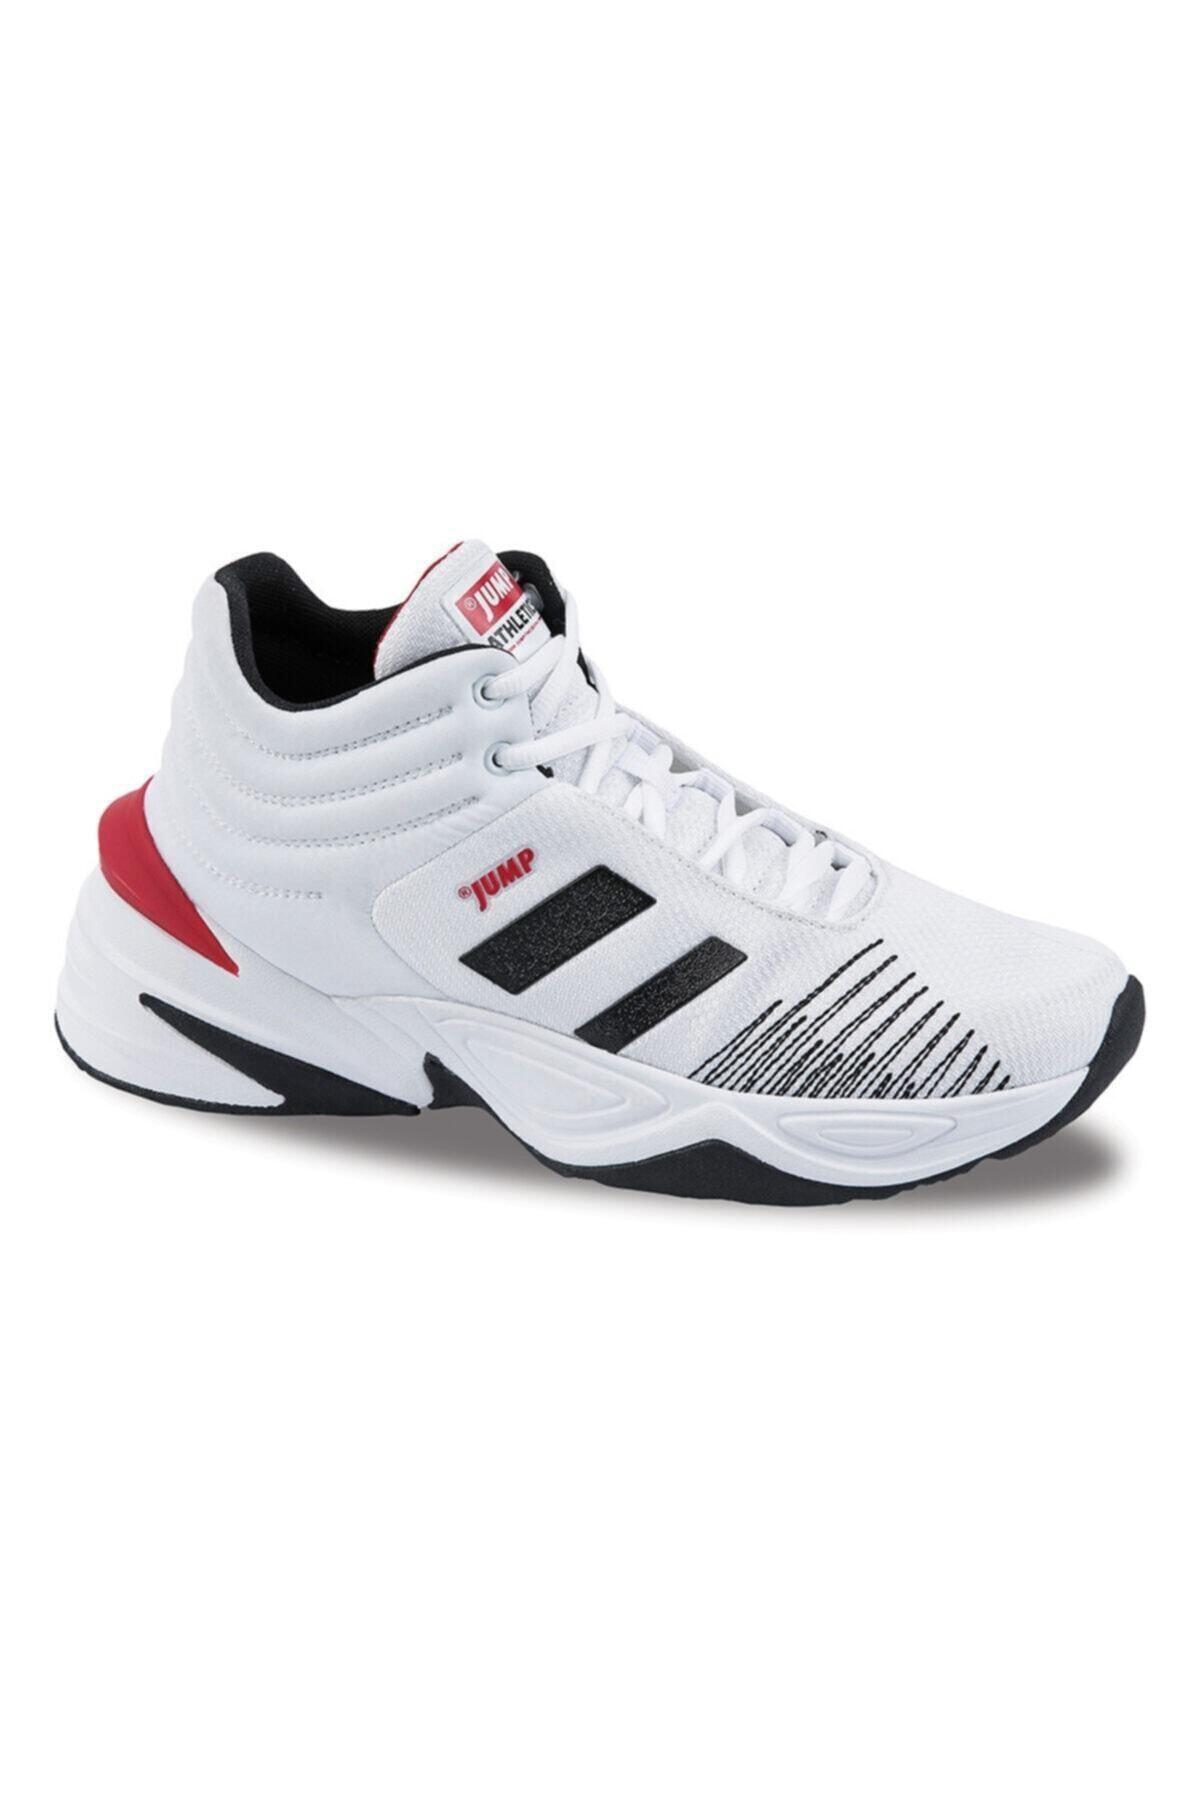 Jump 24774 Günlük Ortopedik Unisex Basketbol Spor Ayakkabısı 2